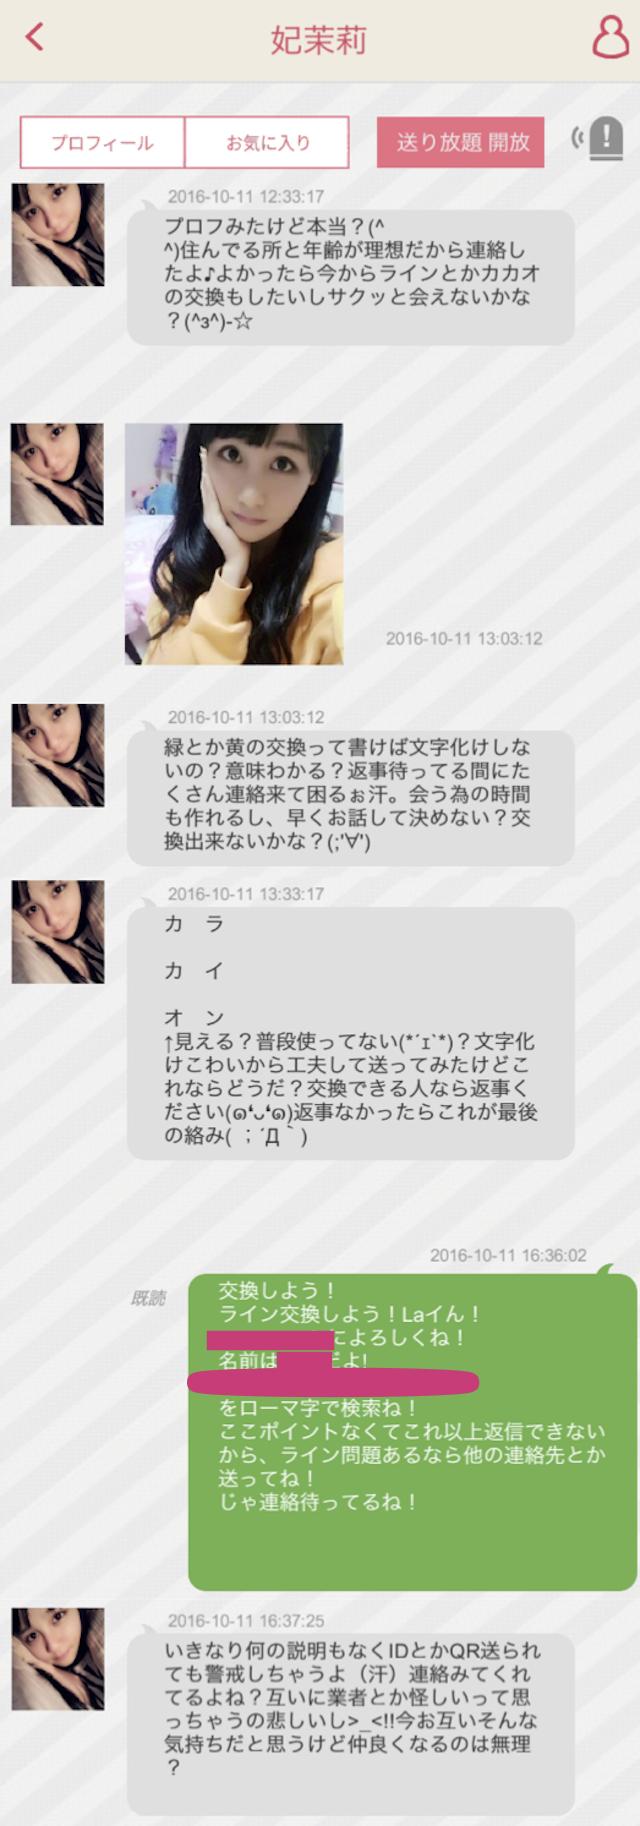 きゃわわ_出会いアプリ3